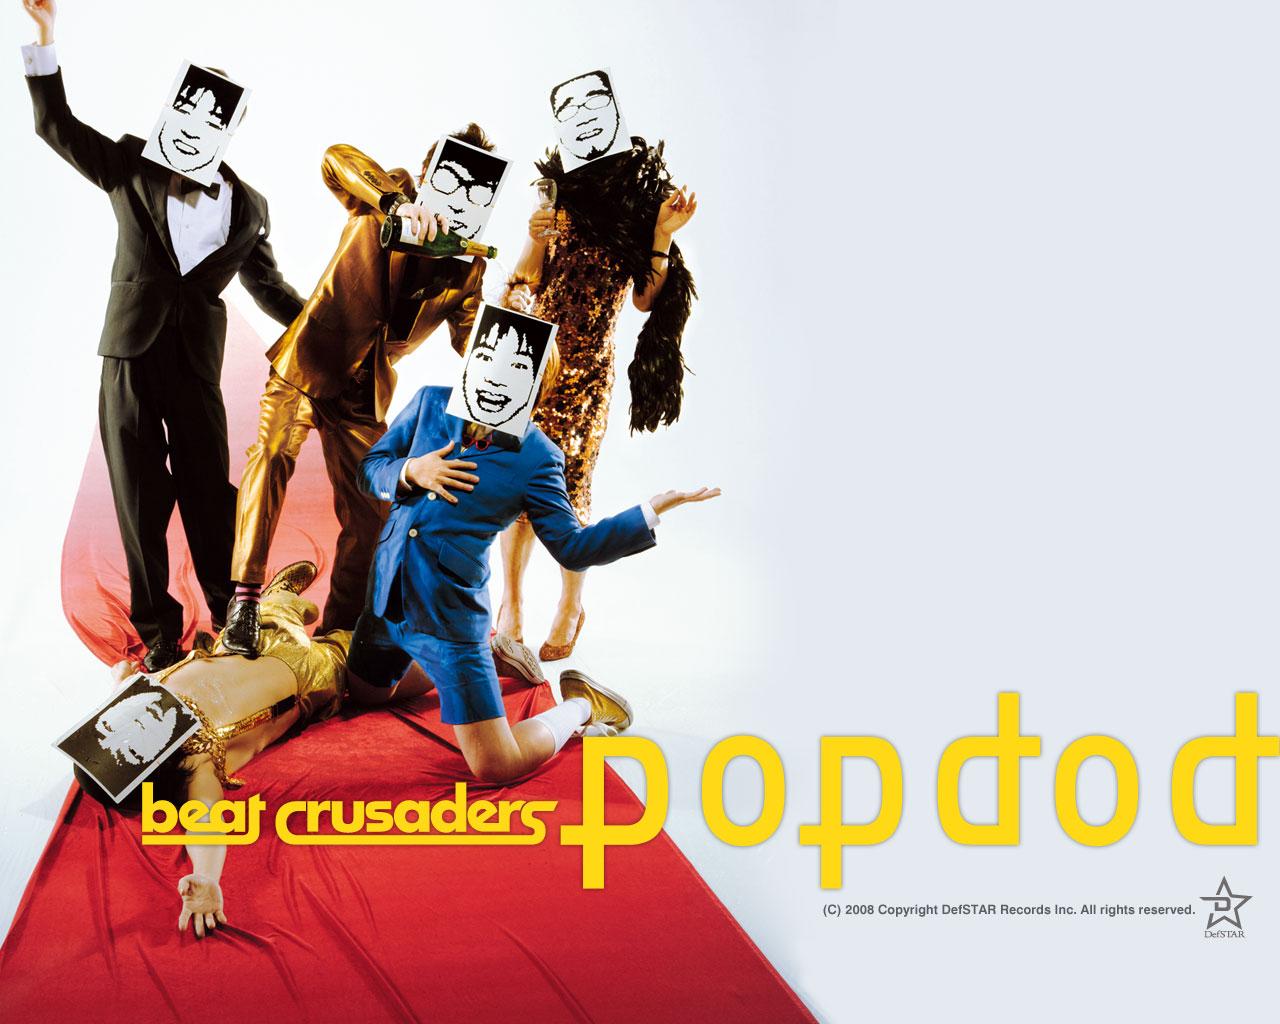 BEAT CRUSADERSの画像 p1_14